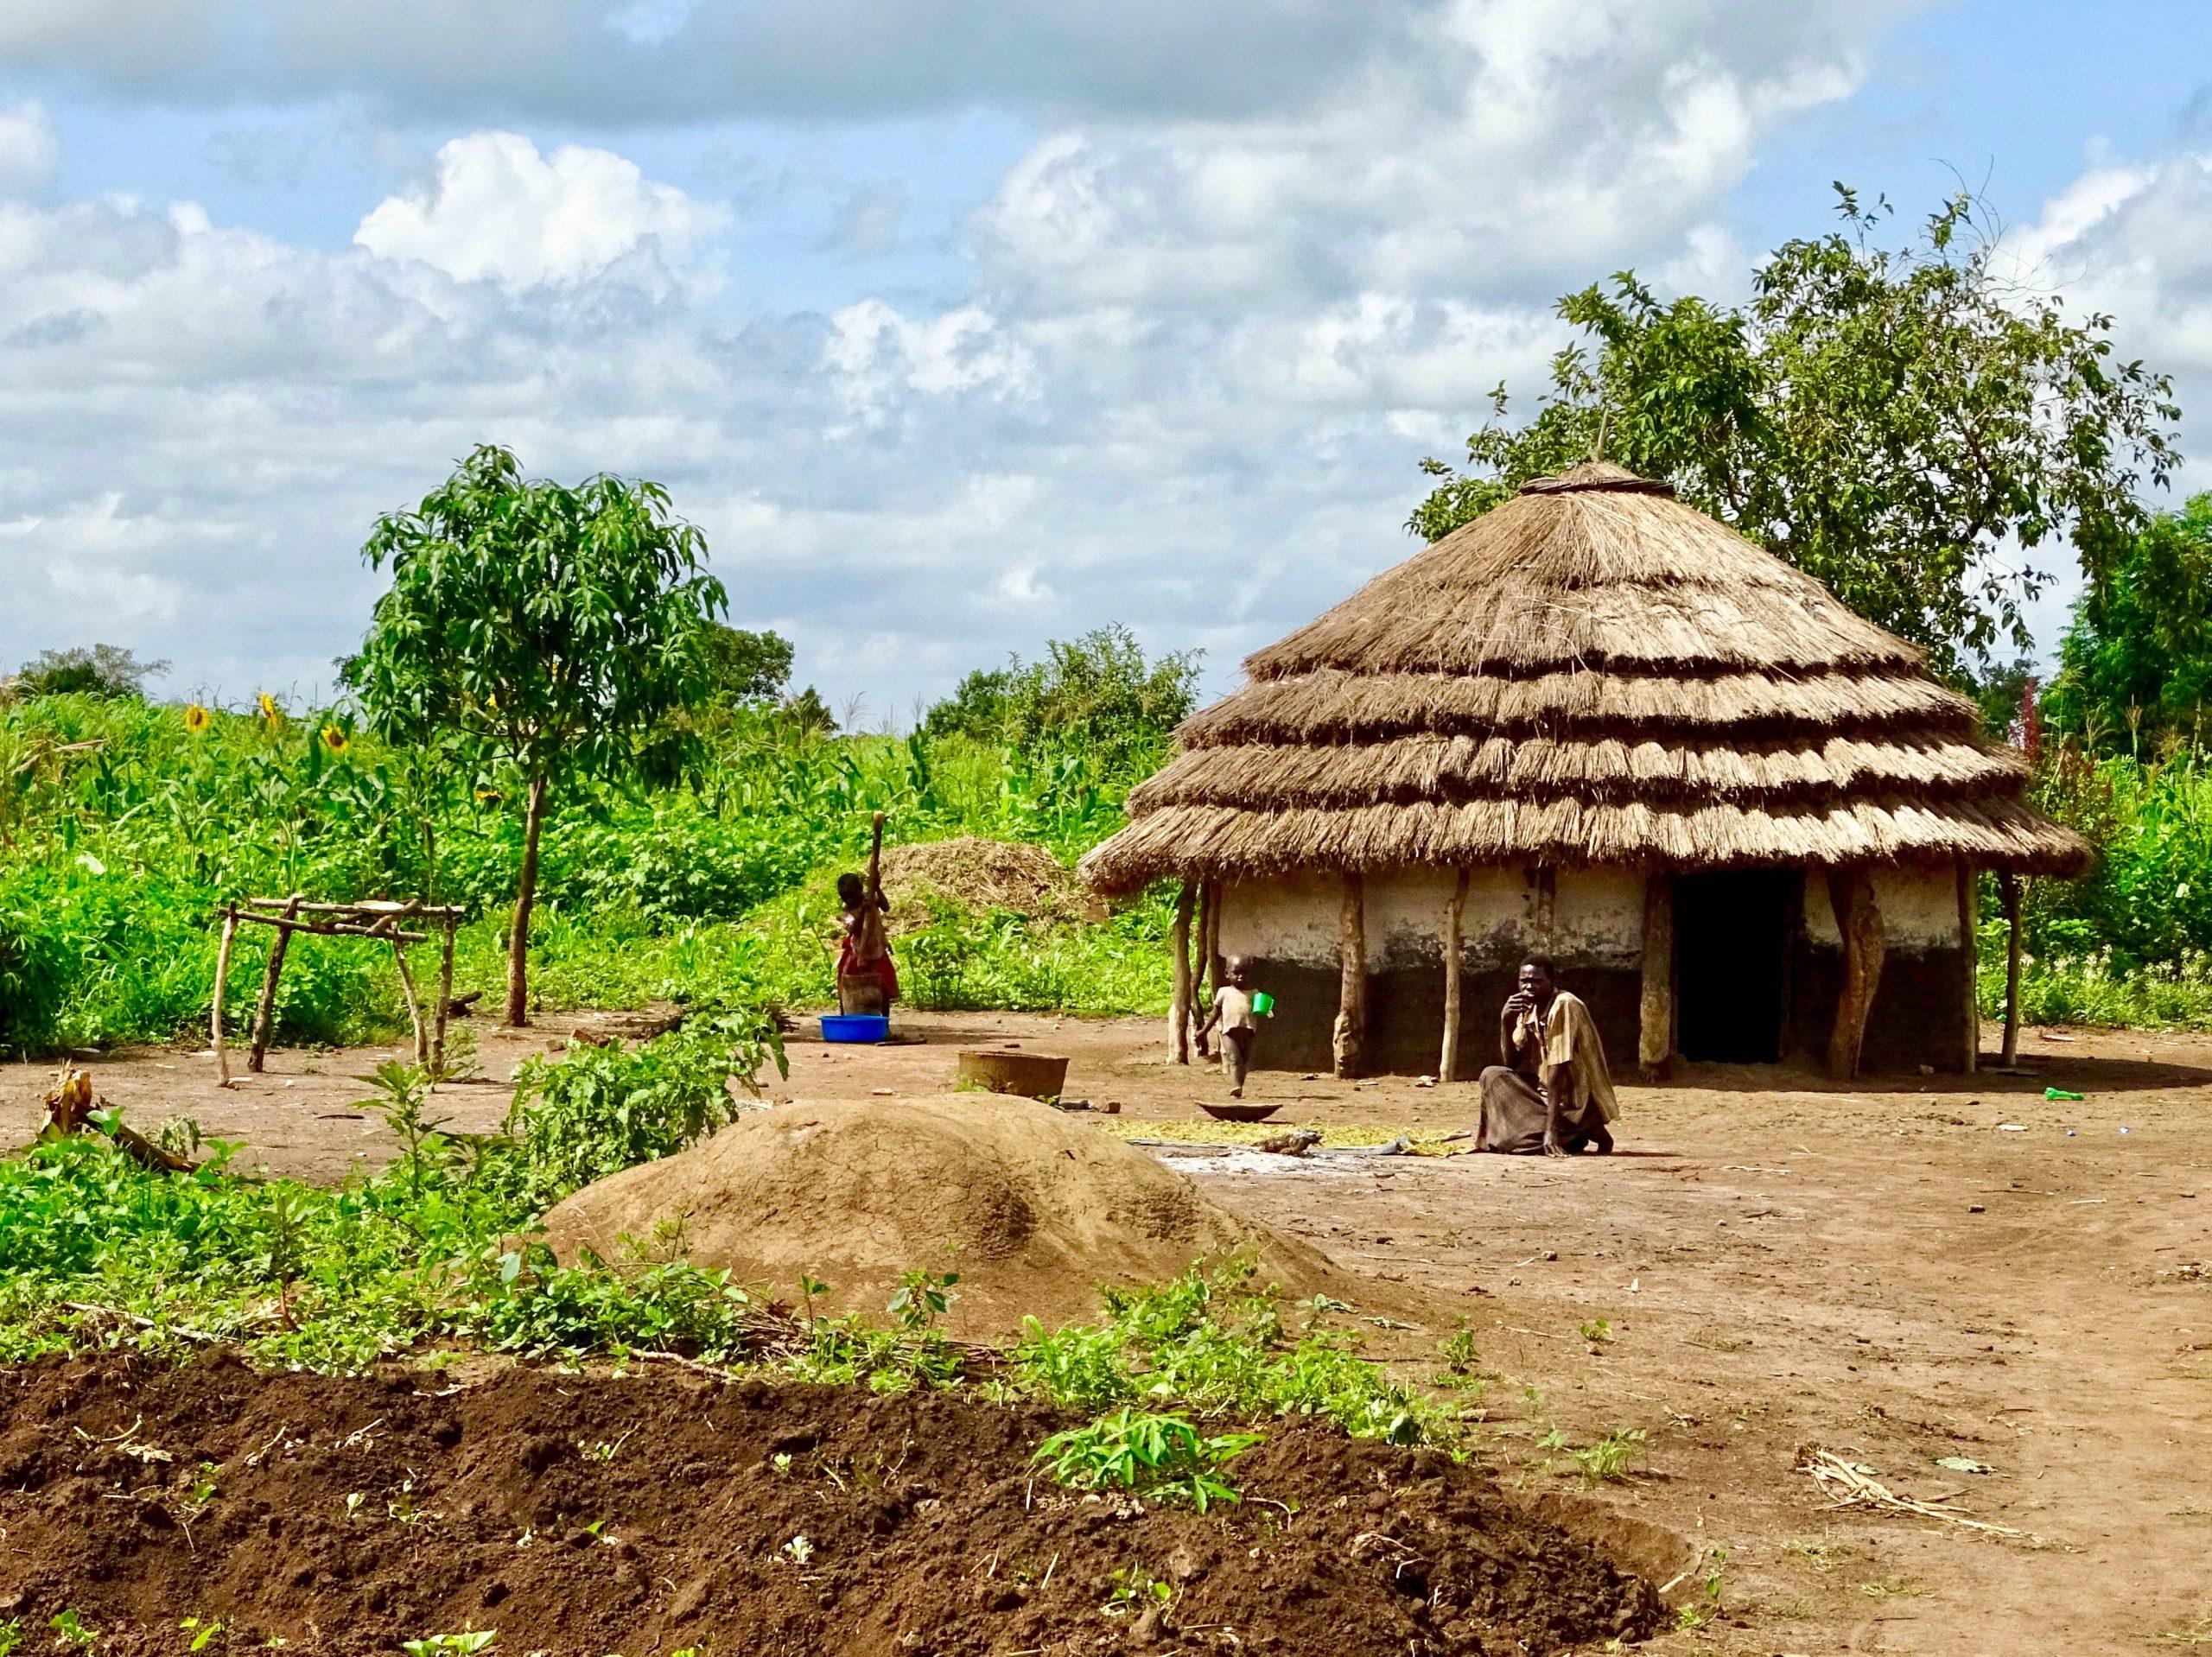 Traditionele hut met moestuin en bewoners